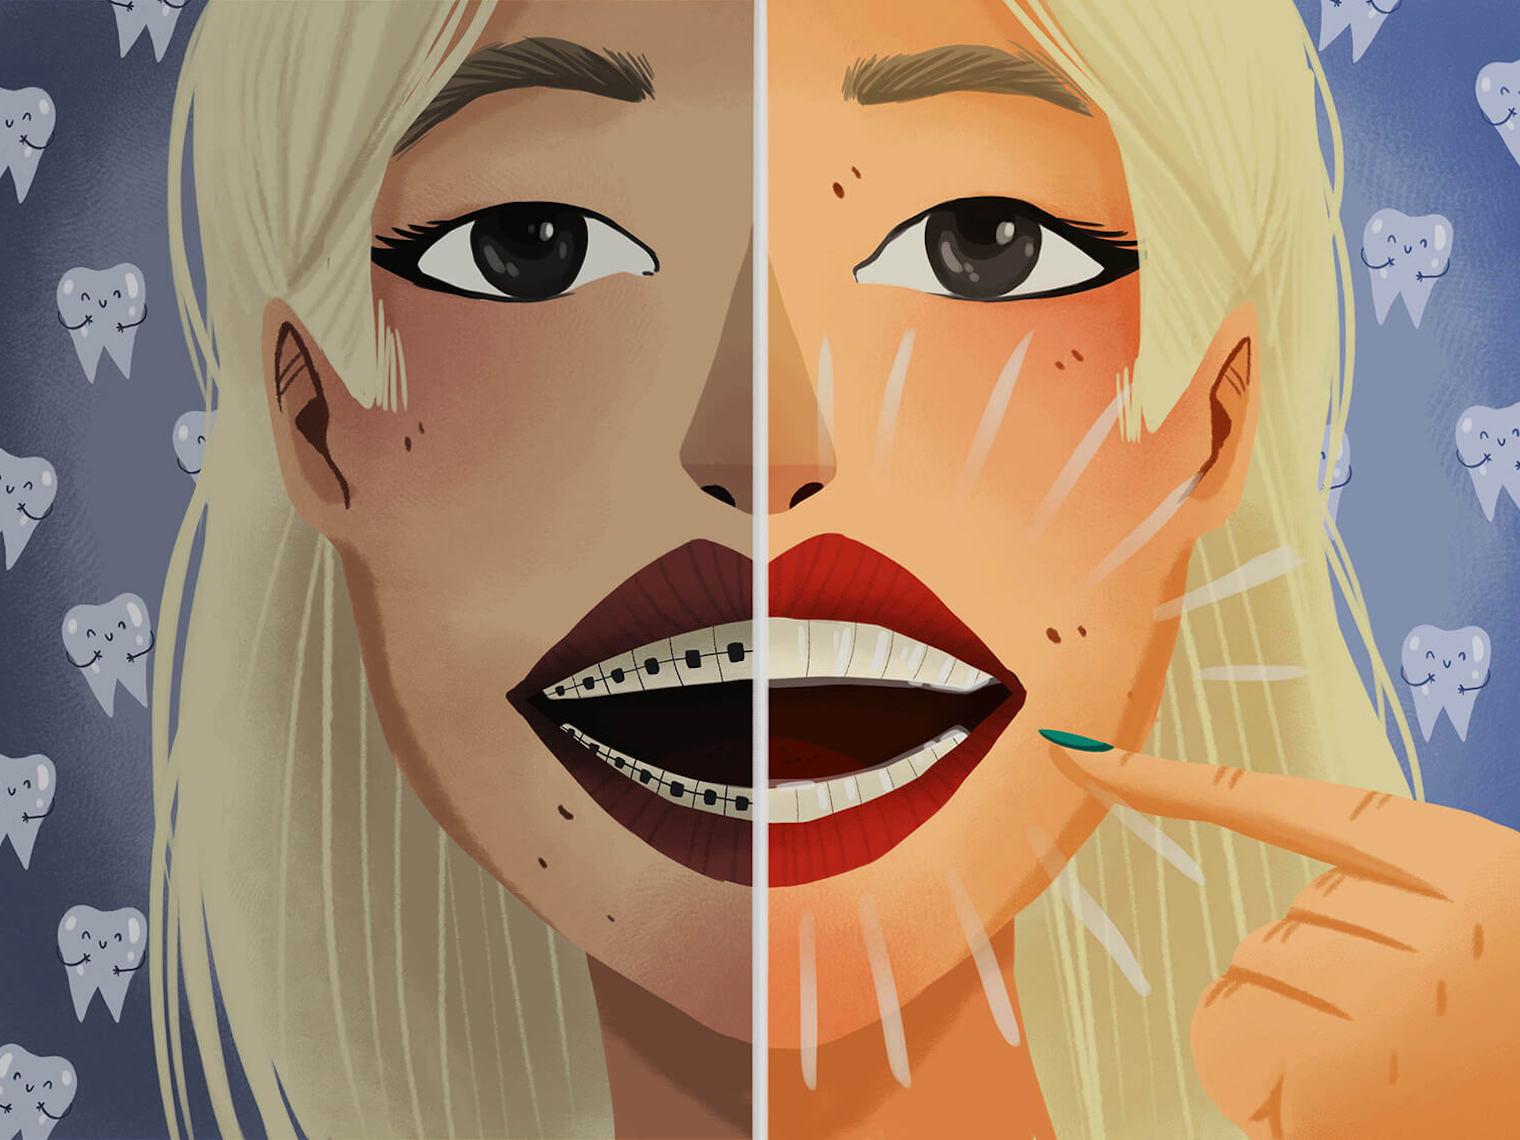 影響發音、難清潔、咬合問題、為了美觀、暴牙、牙縫過大、錯咬、深咬或暴牙、戽斗、齒列擁擠;或搭配牙周病、植牙與全口重建療程者。都會是適合進行牙齒矯正的對象。